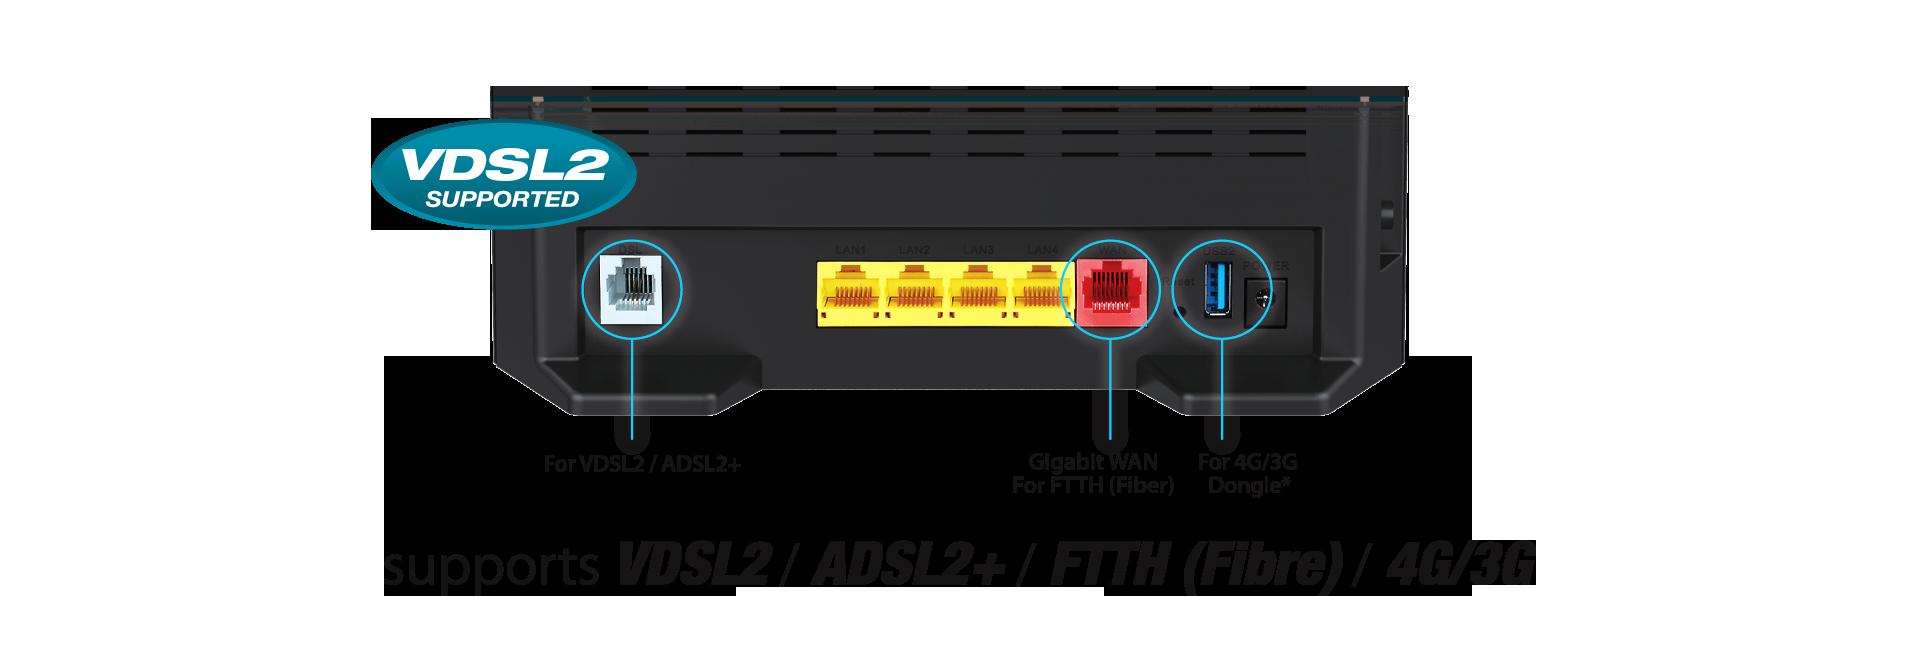 DSL-2877AL_VDSL_ADSL